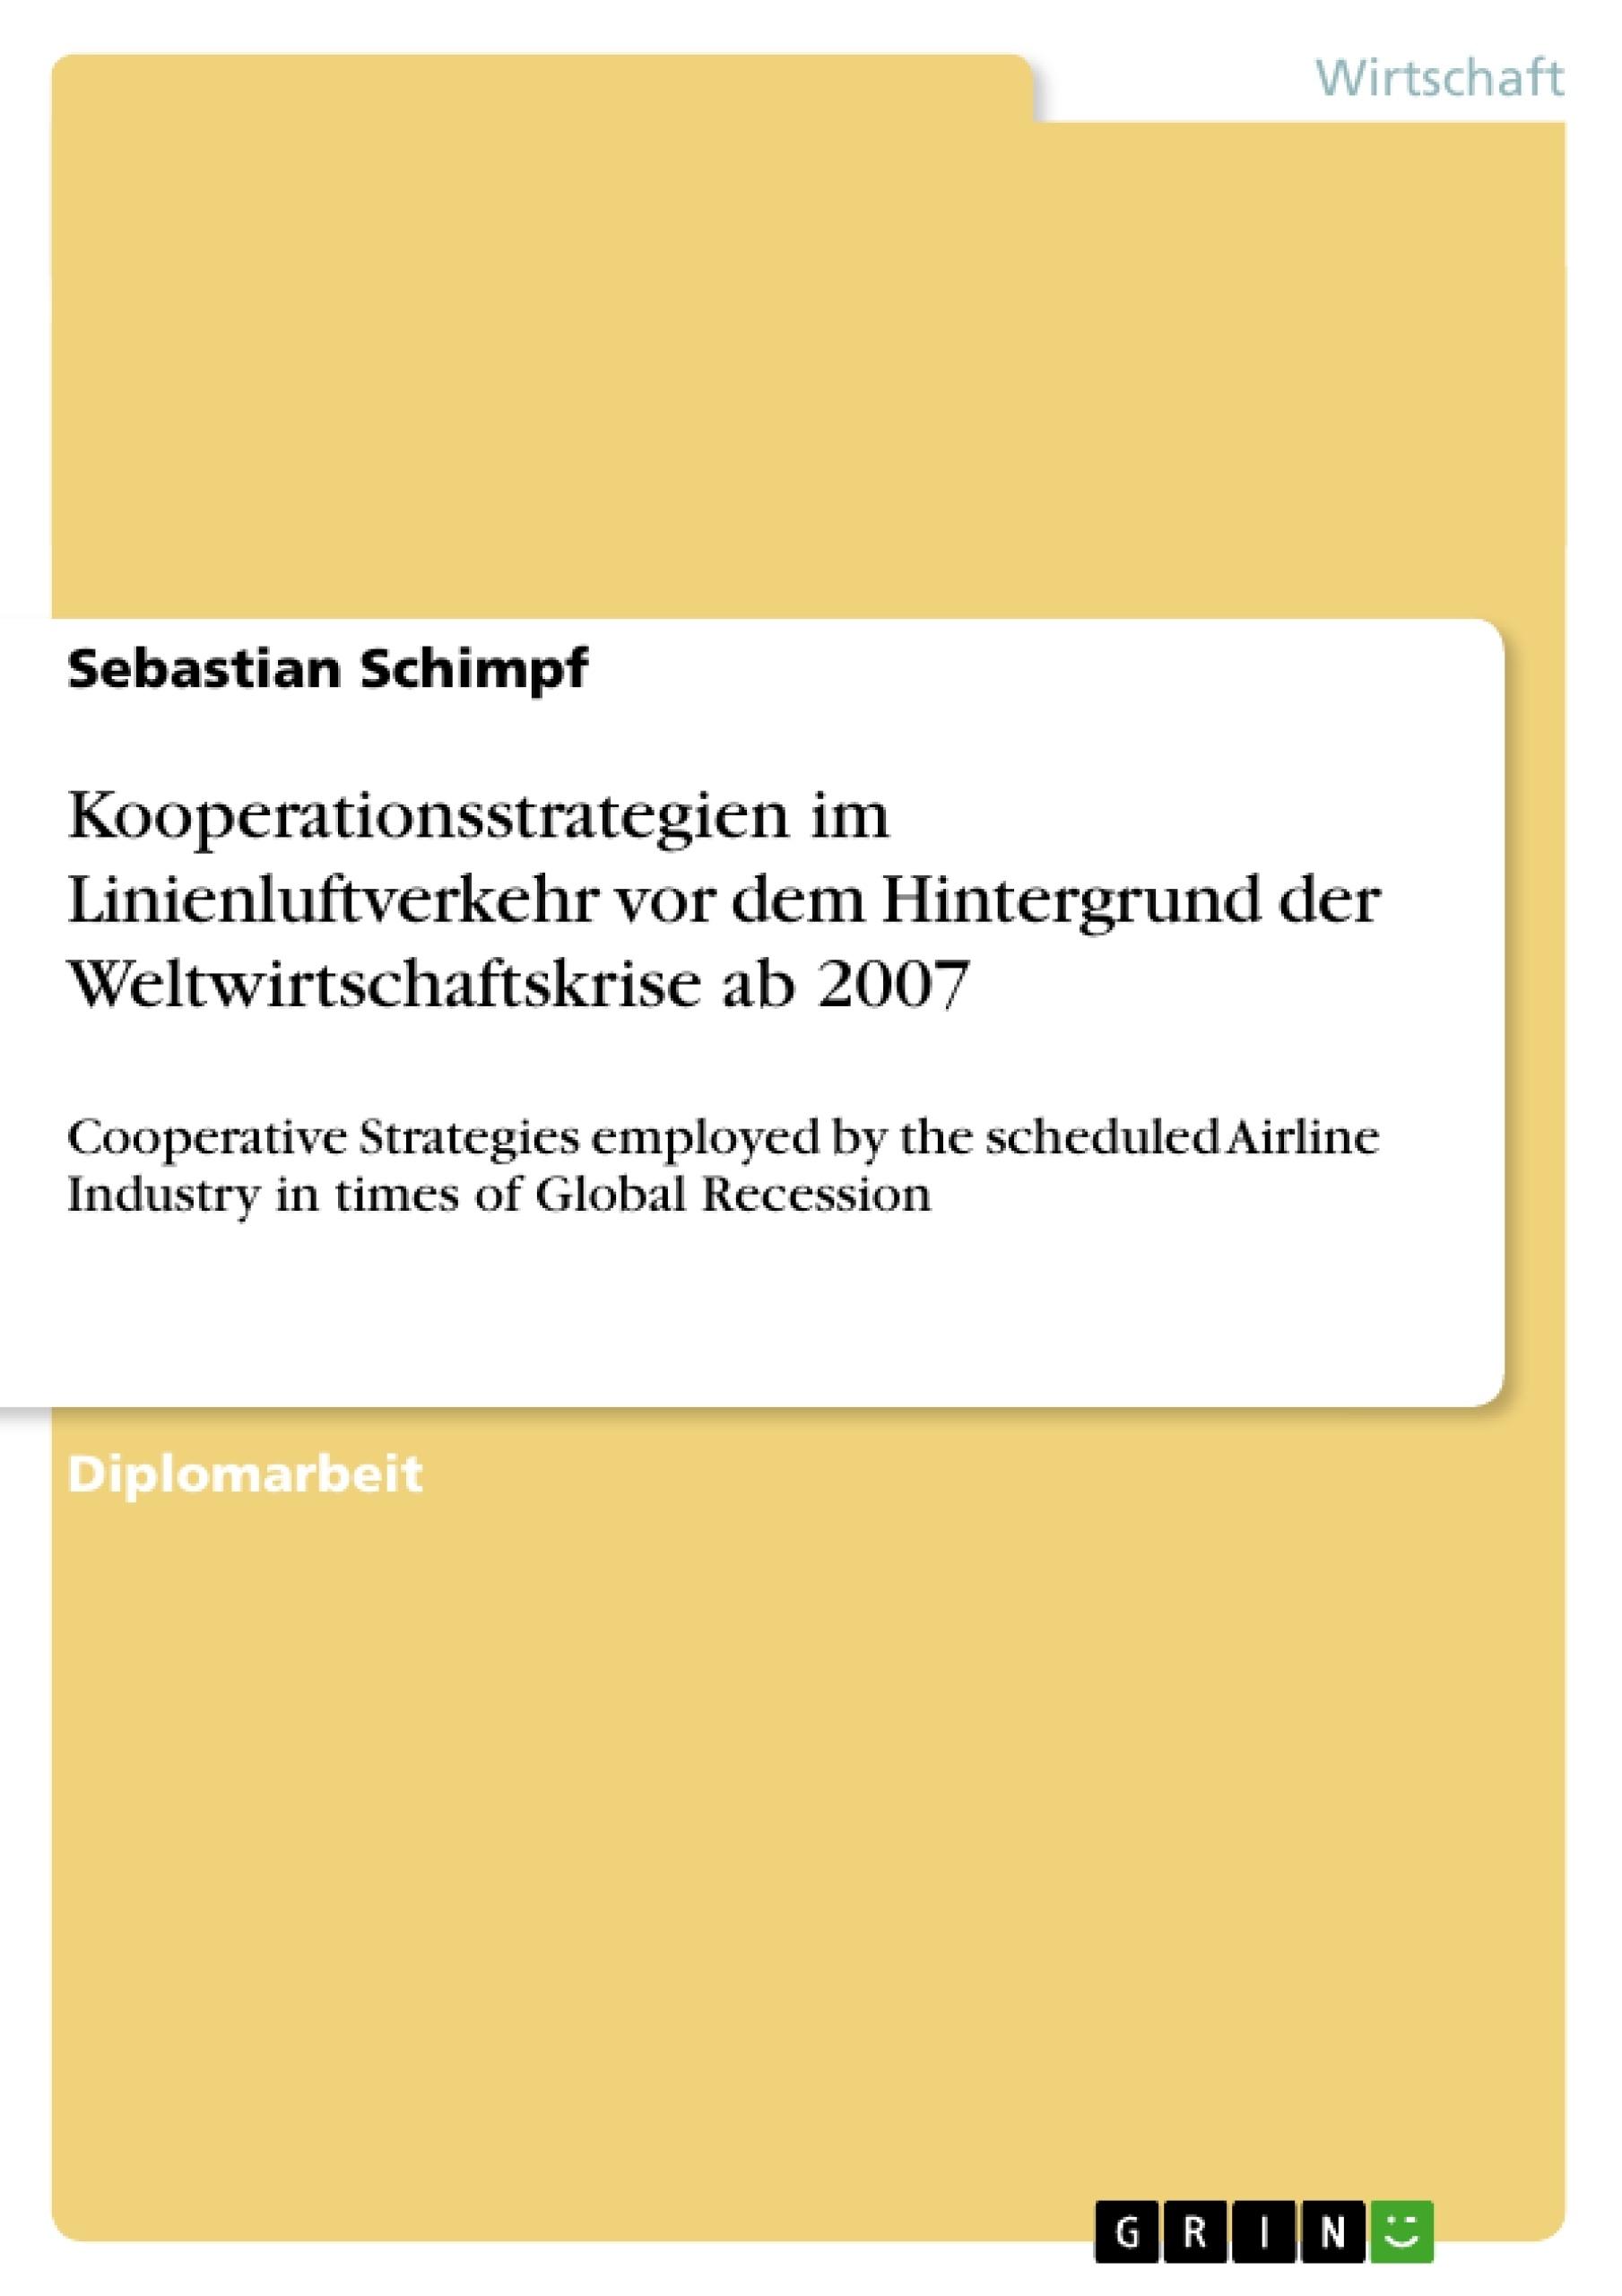 Titel: Kooperationsstrategien im Linienluftverkehr vor dem Hintergrund der Weltwirtschaftskrise ab 2007